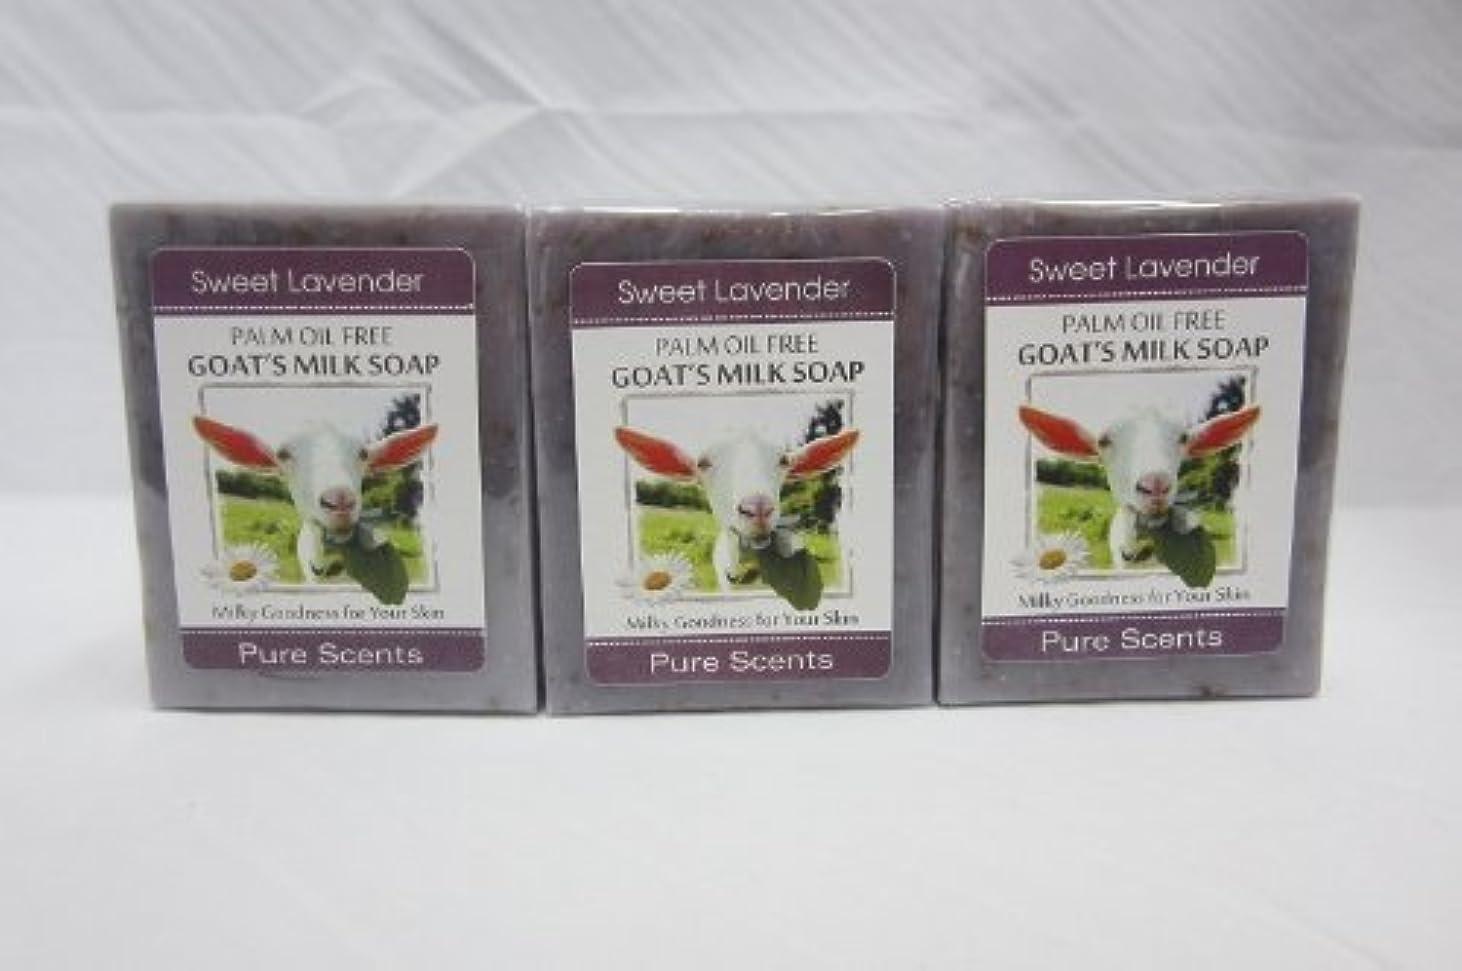 批評トレイル写真撮影【Pure Scents】Goat's Milk Soap ヤギのミルクせっけん 3個セット Sweet Lavender スイートラベンダー